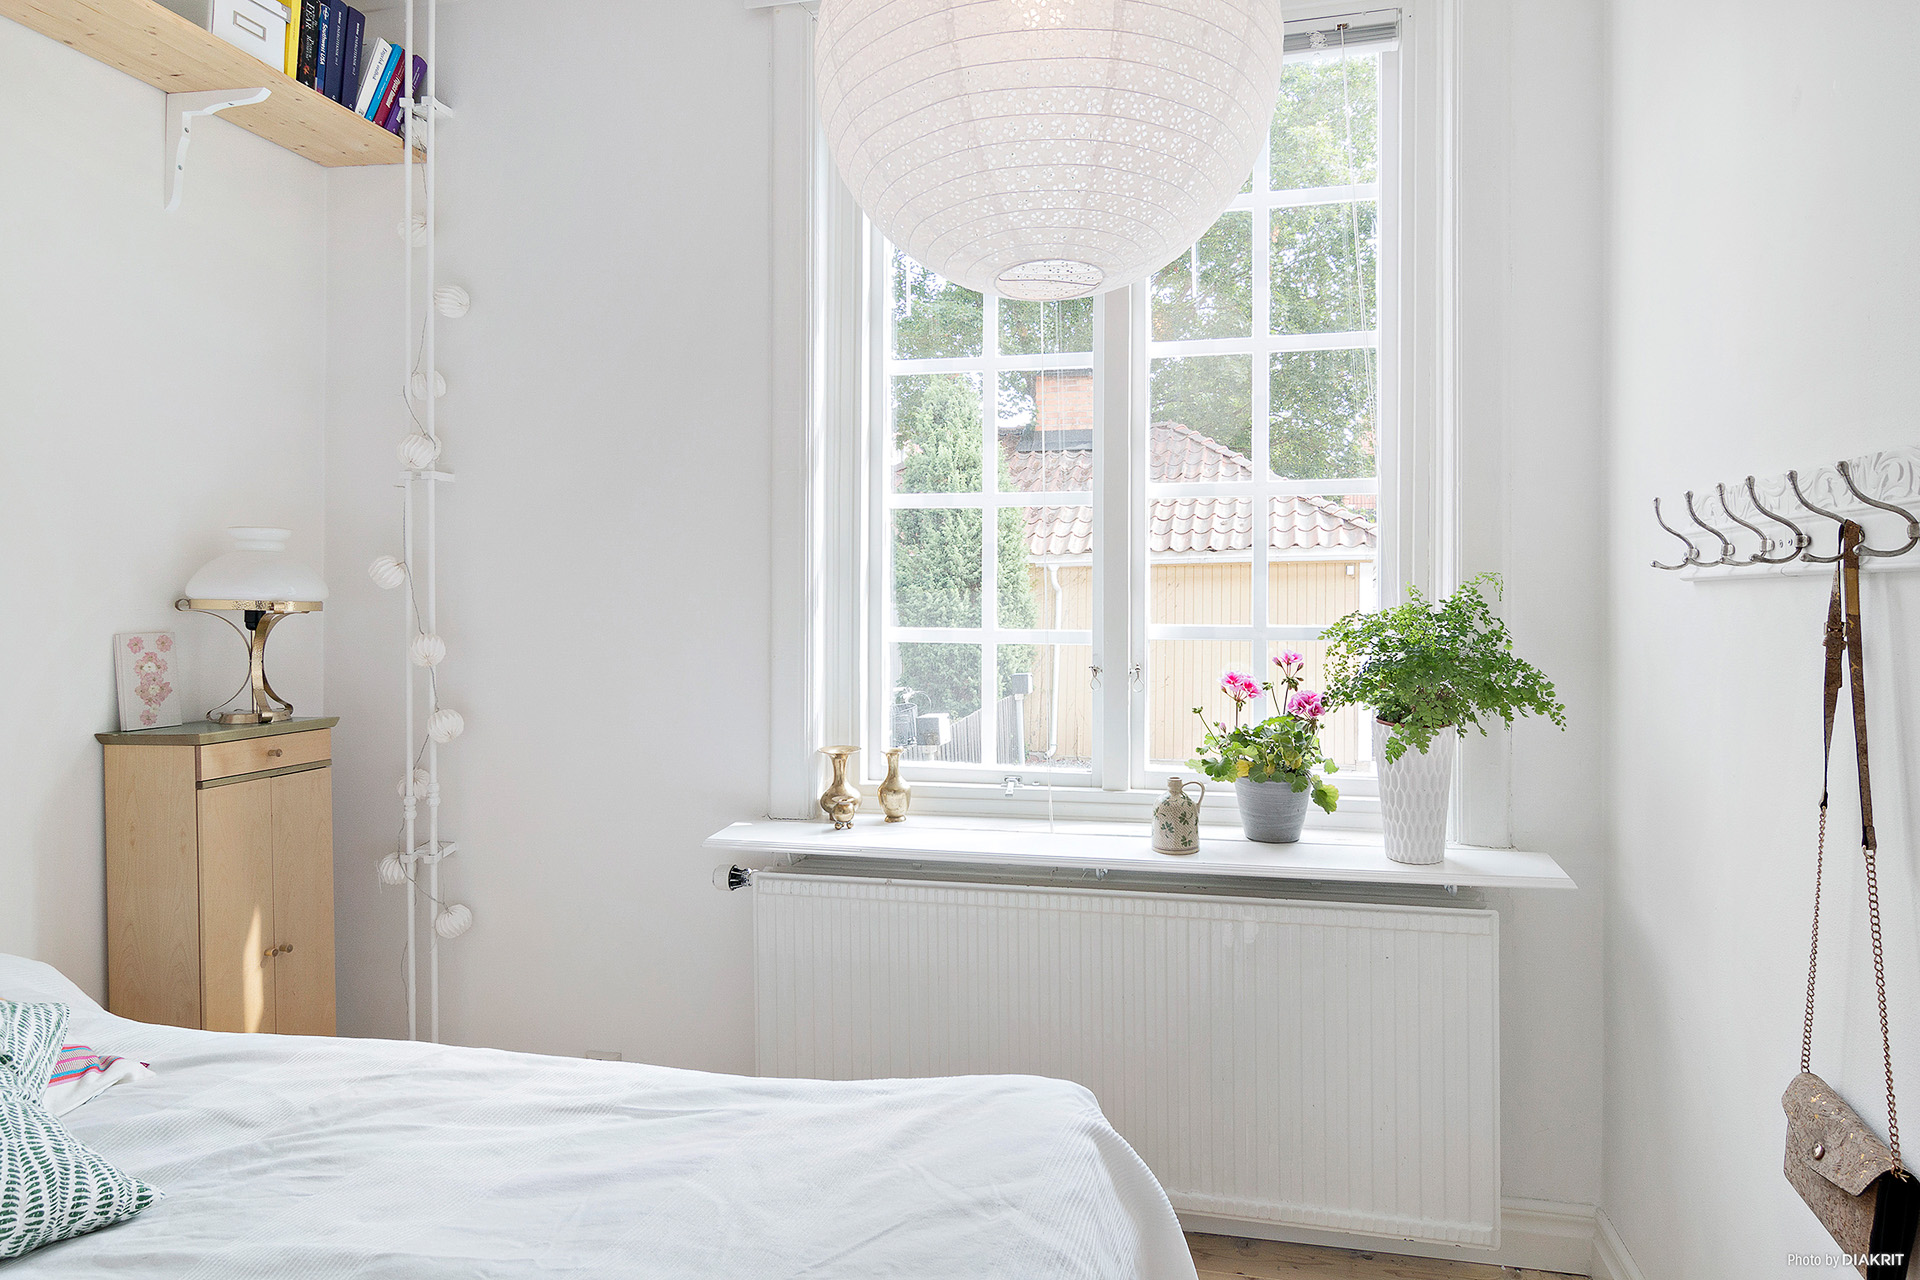 Sovrum/alkov med fönster mot innergården